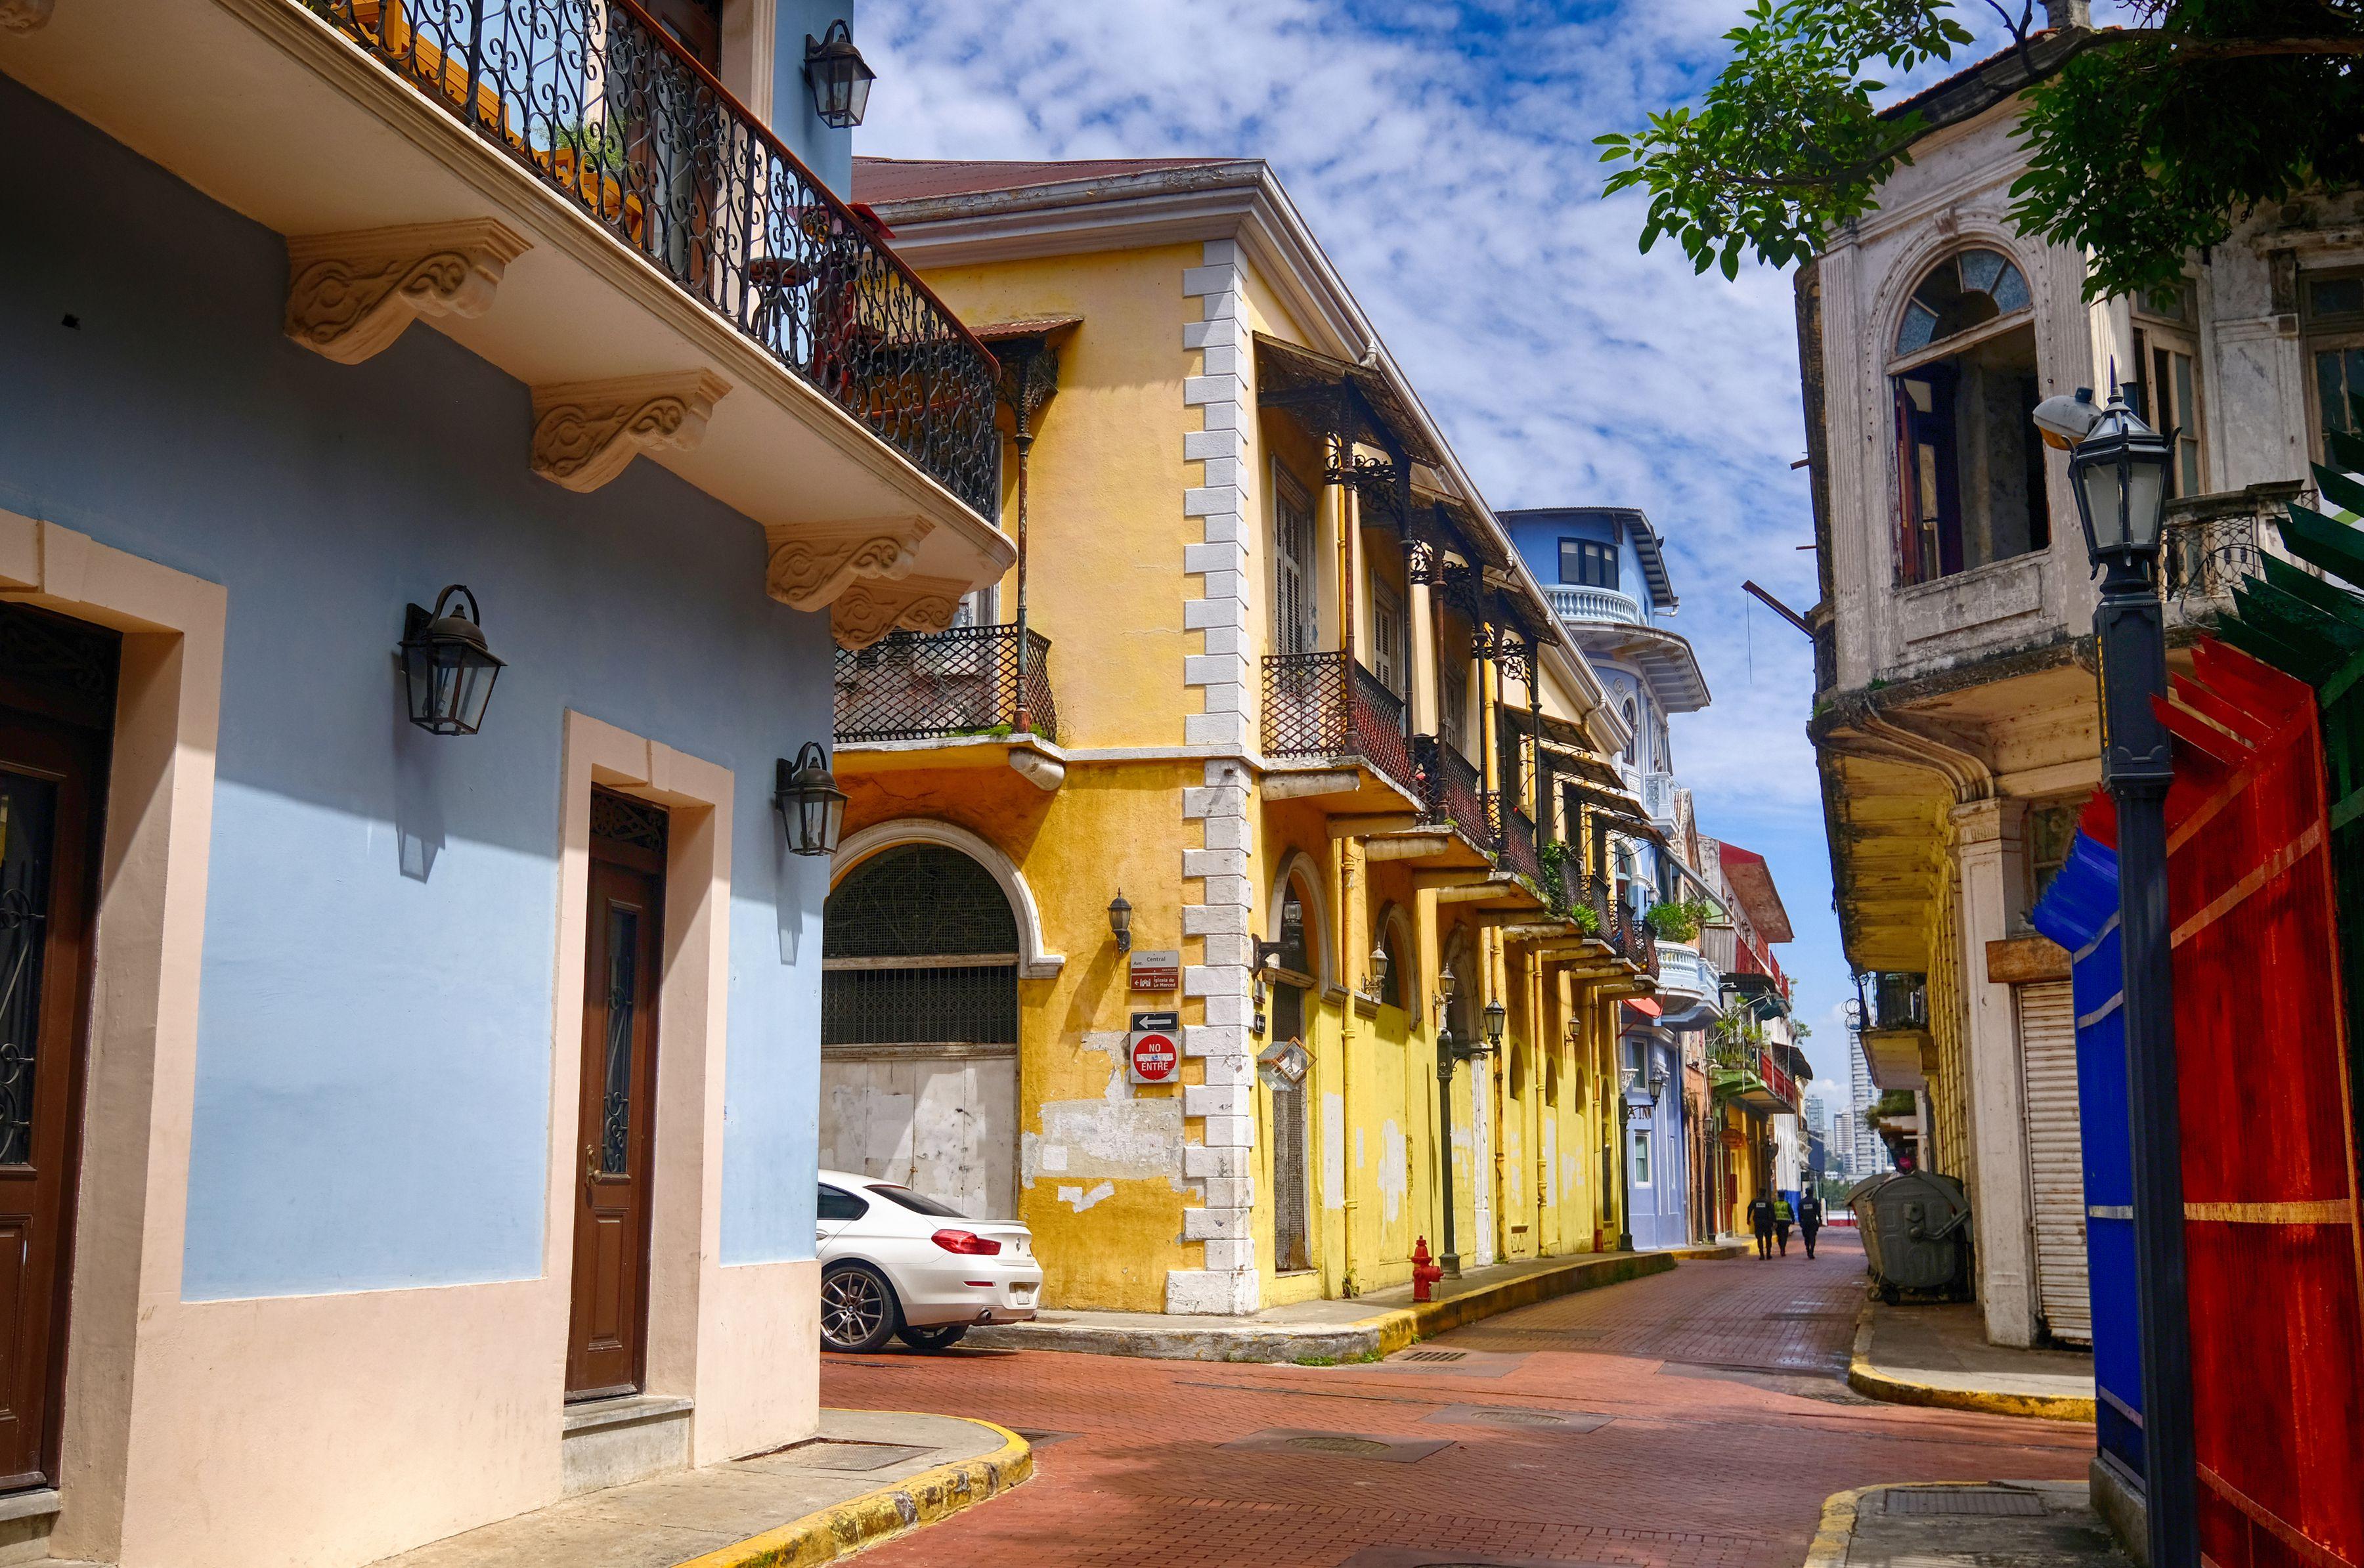 Casco Viejo at Panama City, Panama